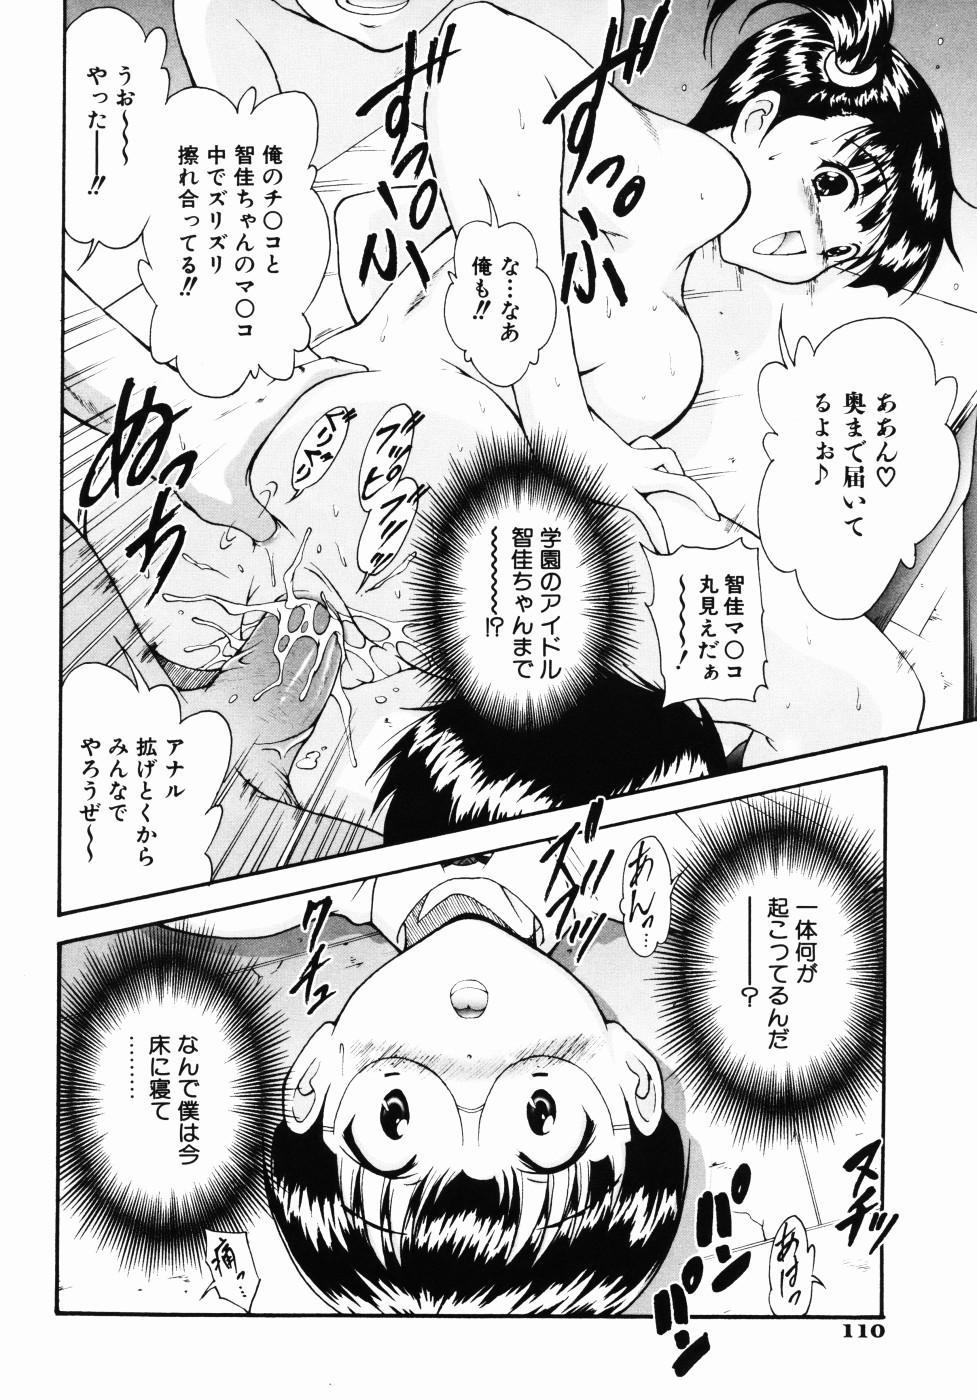 Daikyou Megami 114